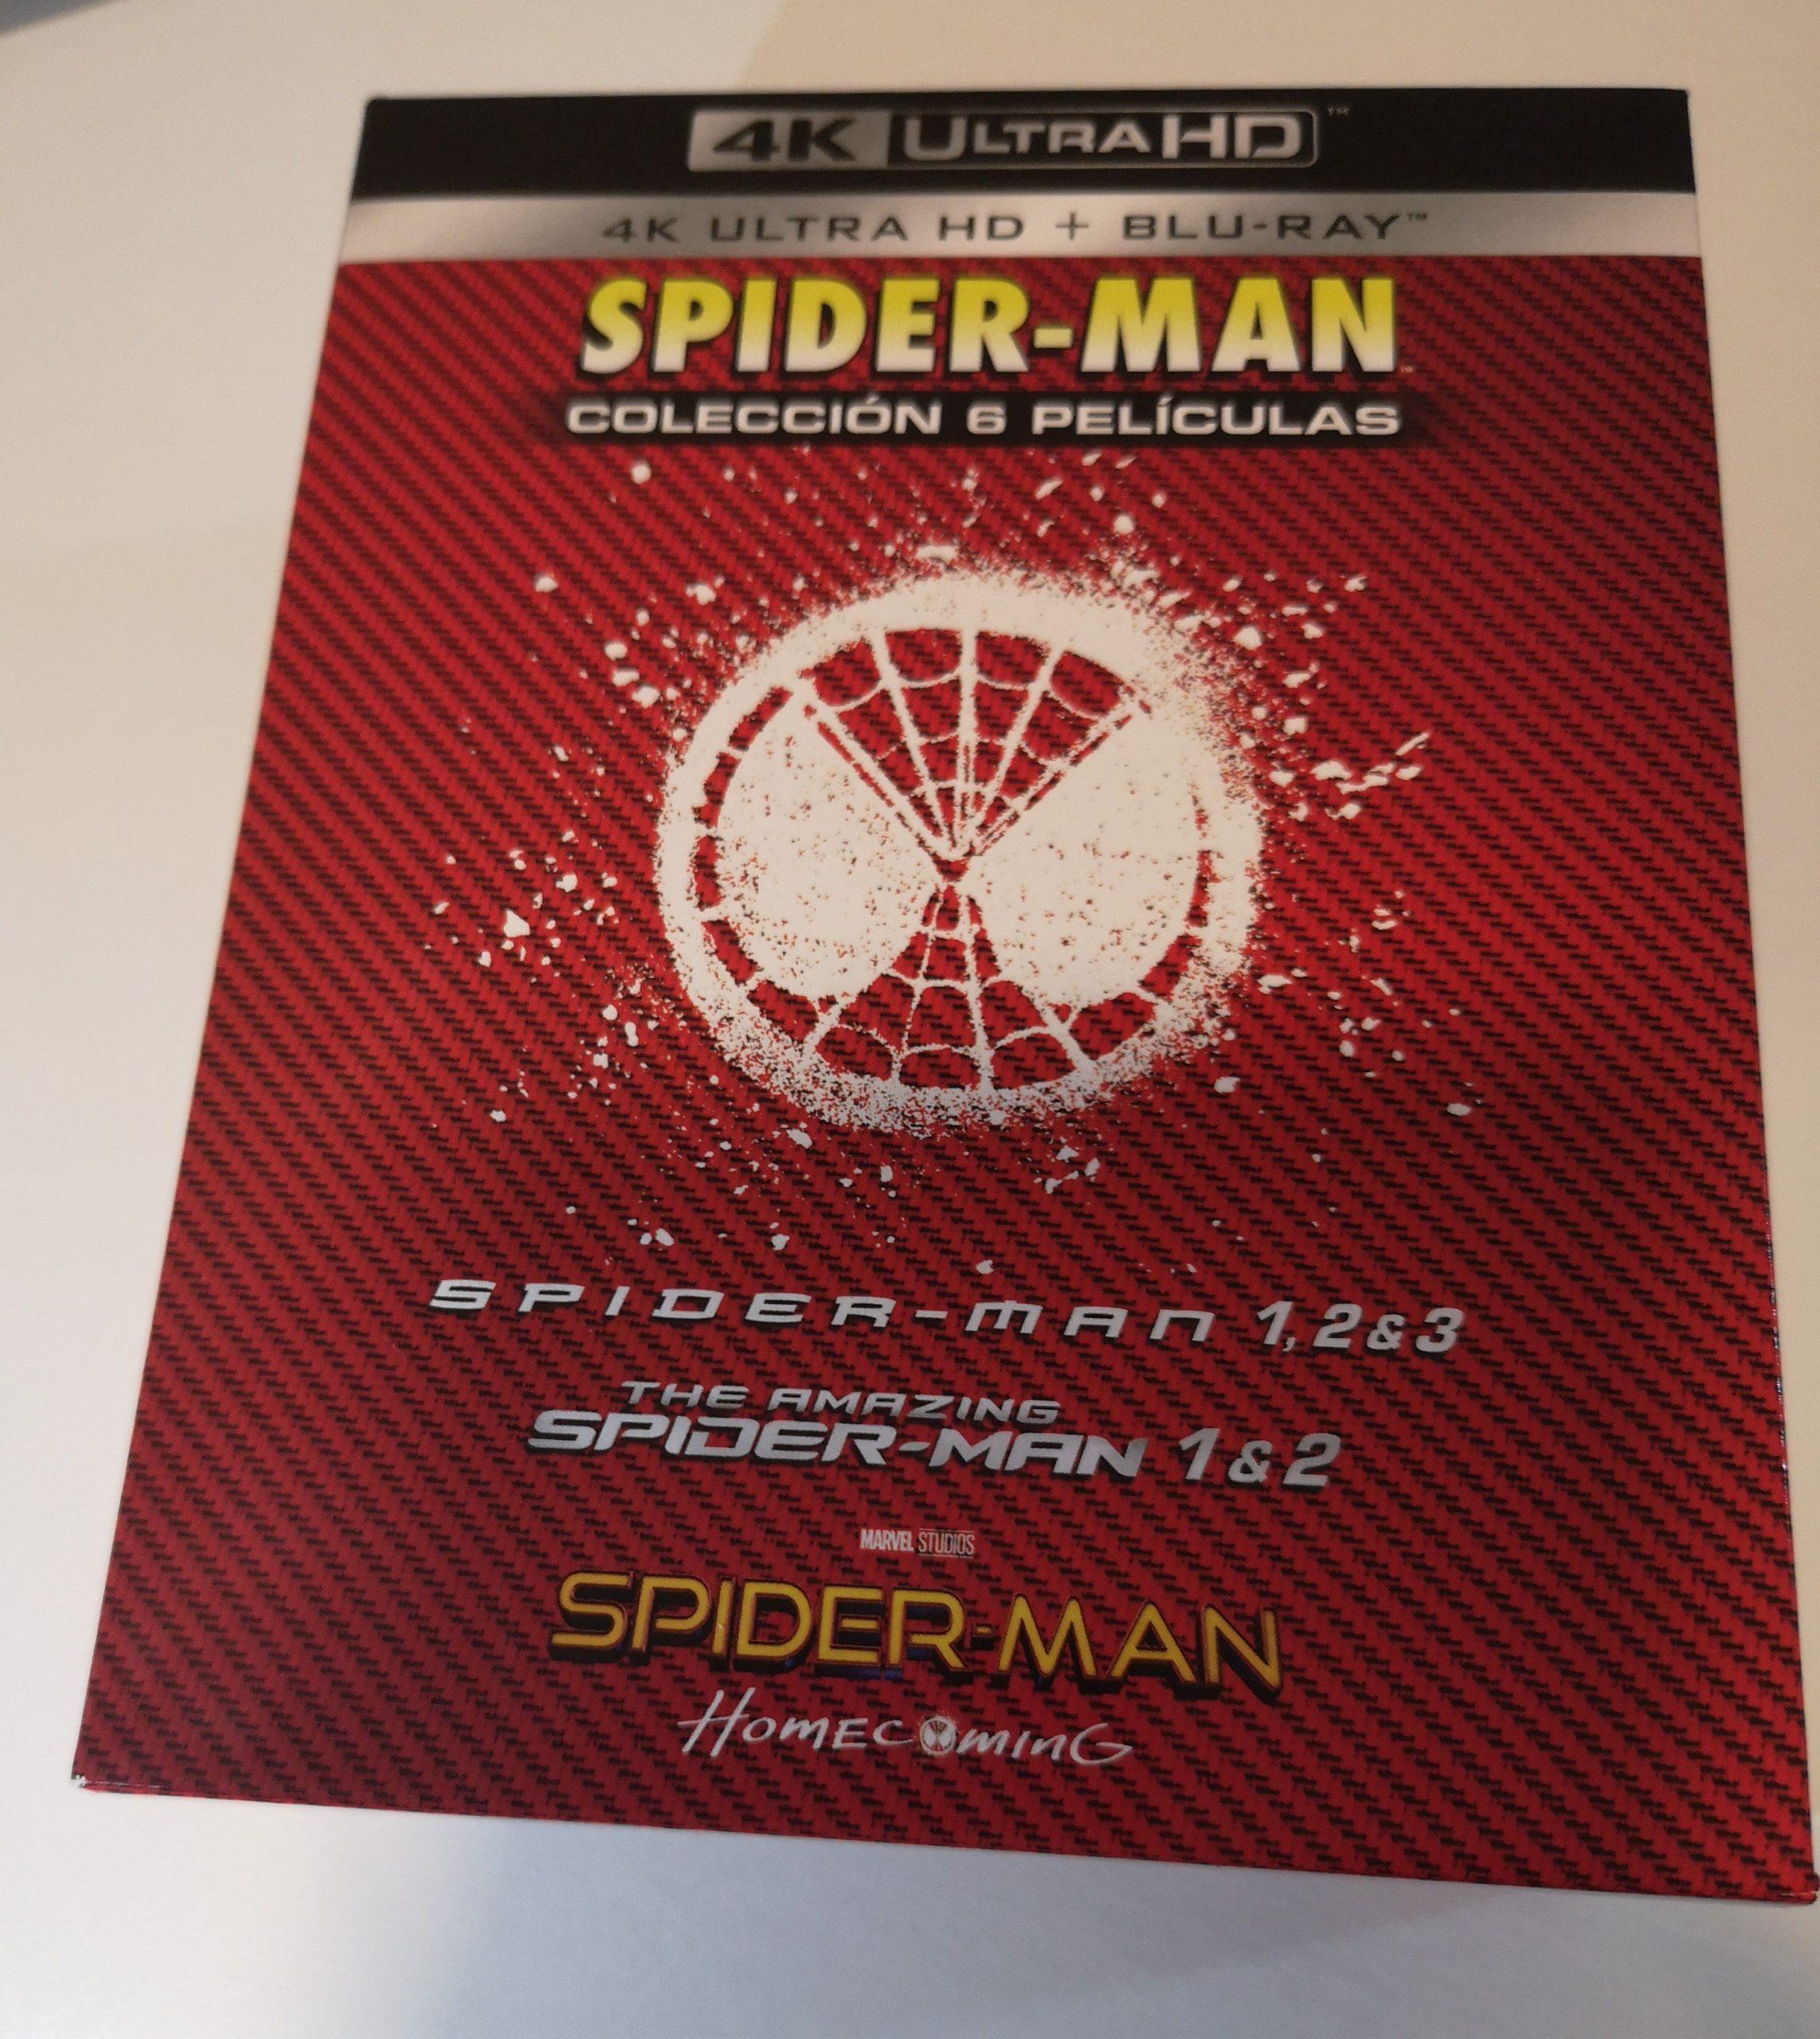 Spider-Man colección 6 películas 01